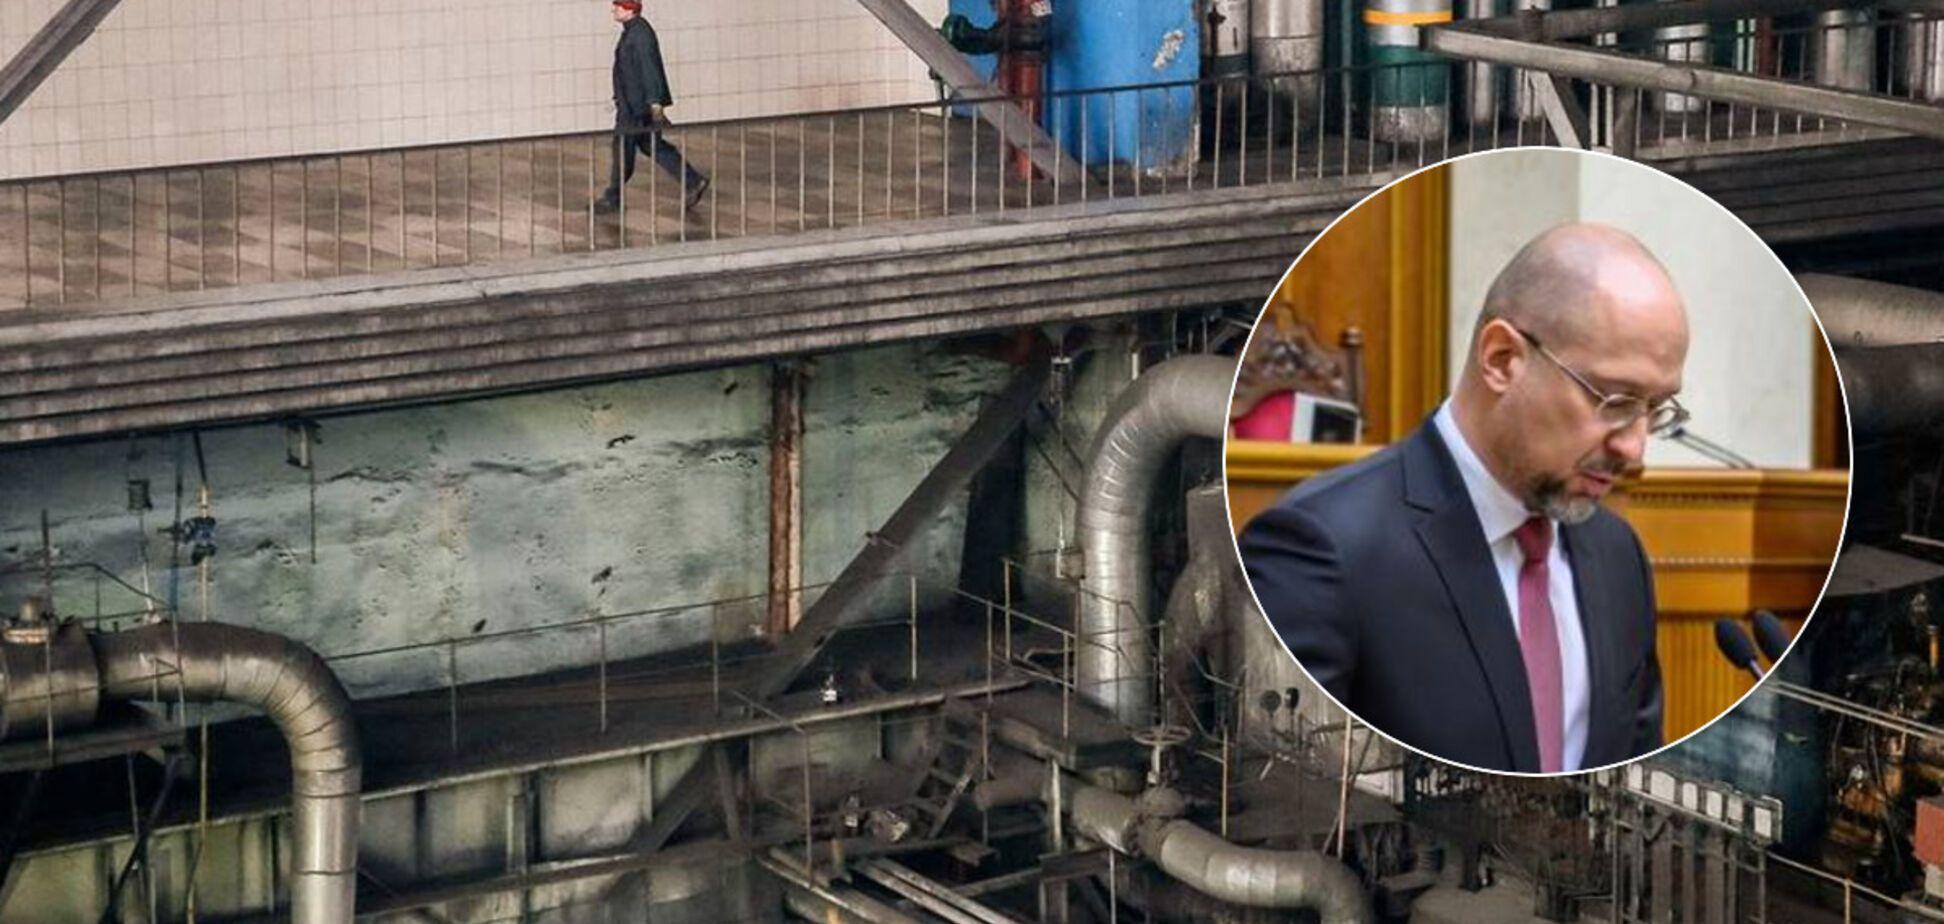 Кабмин ищет инвесторов для приватизации 'Центрэнерго'